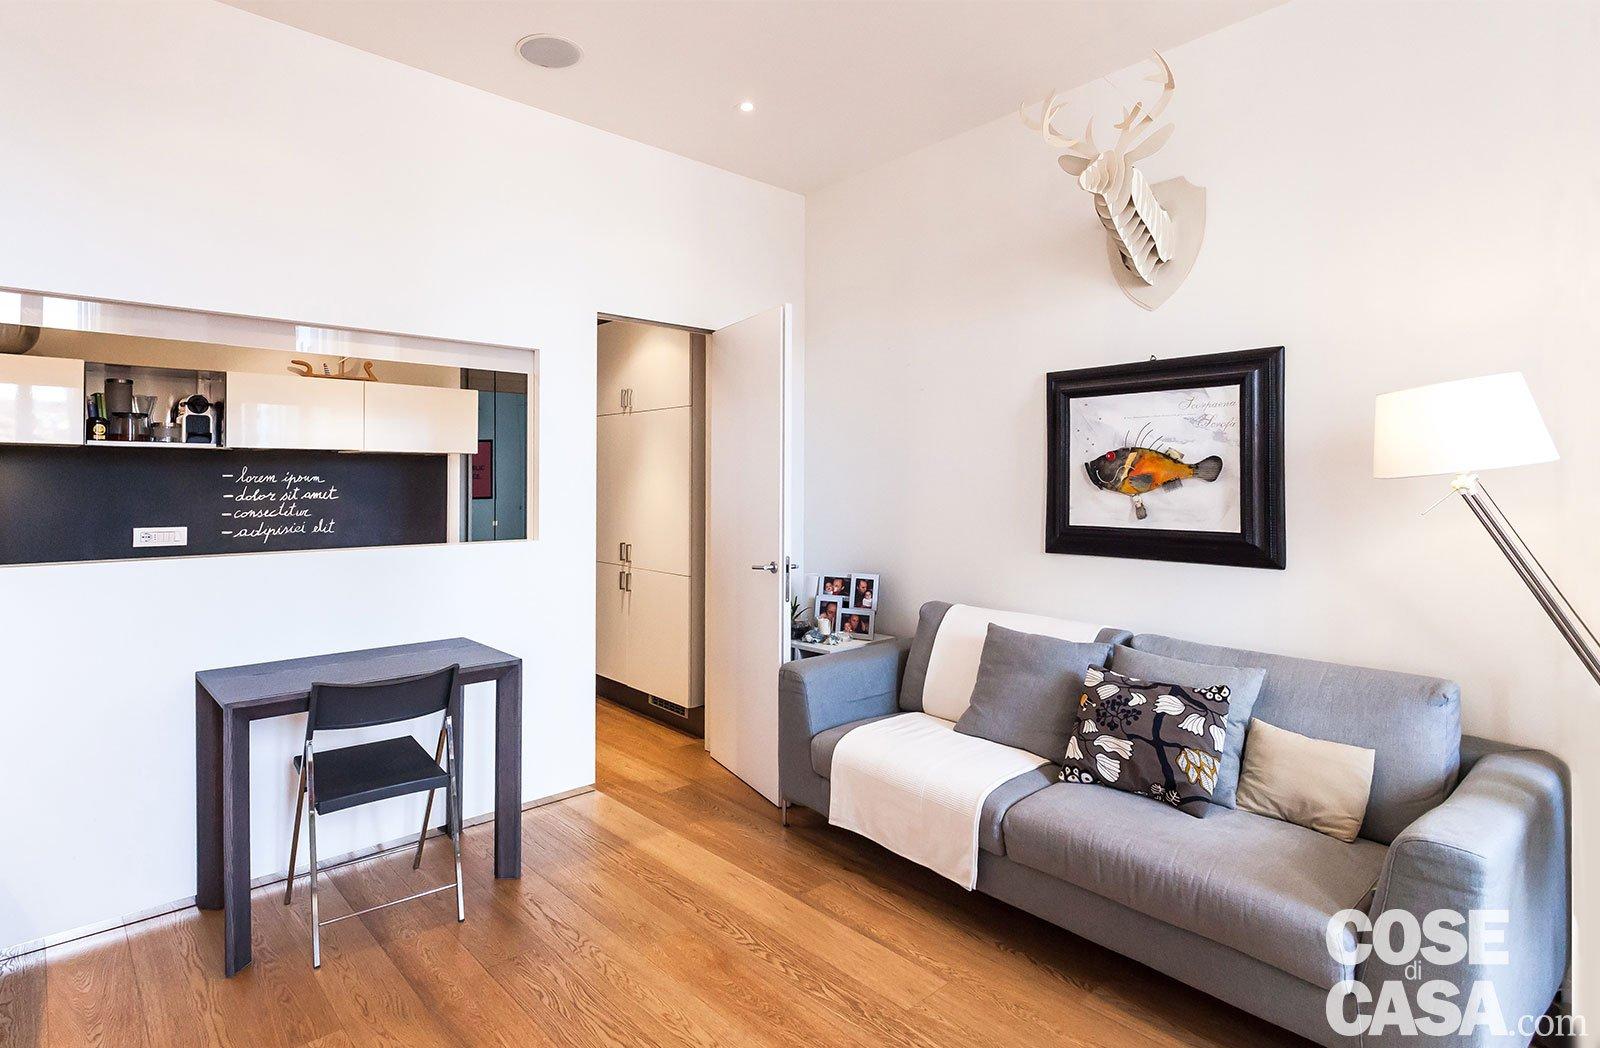 50 mq con soluzioni d 39 arredo salvaspazio cose di casa for Soluzioni salvaspazio camera